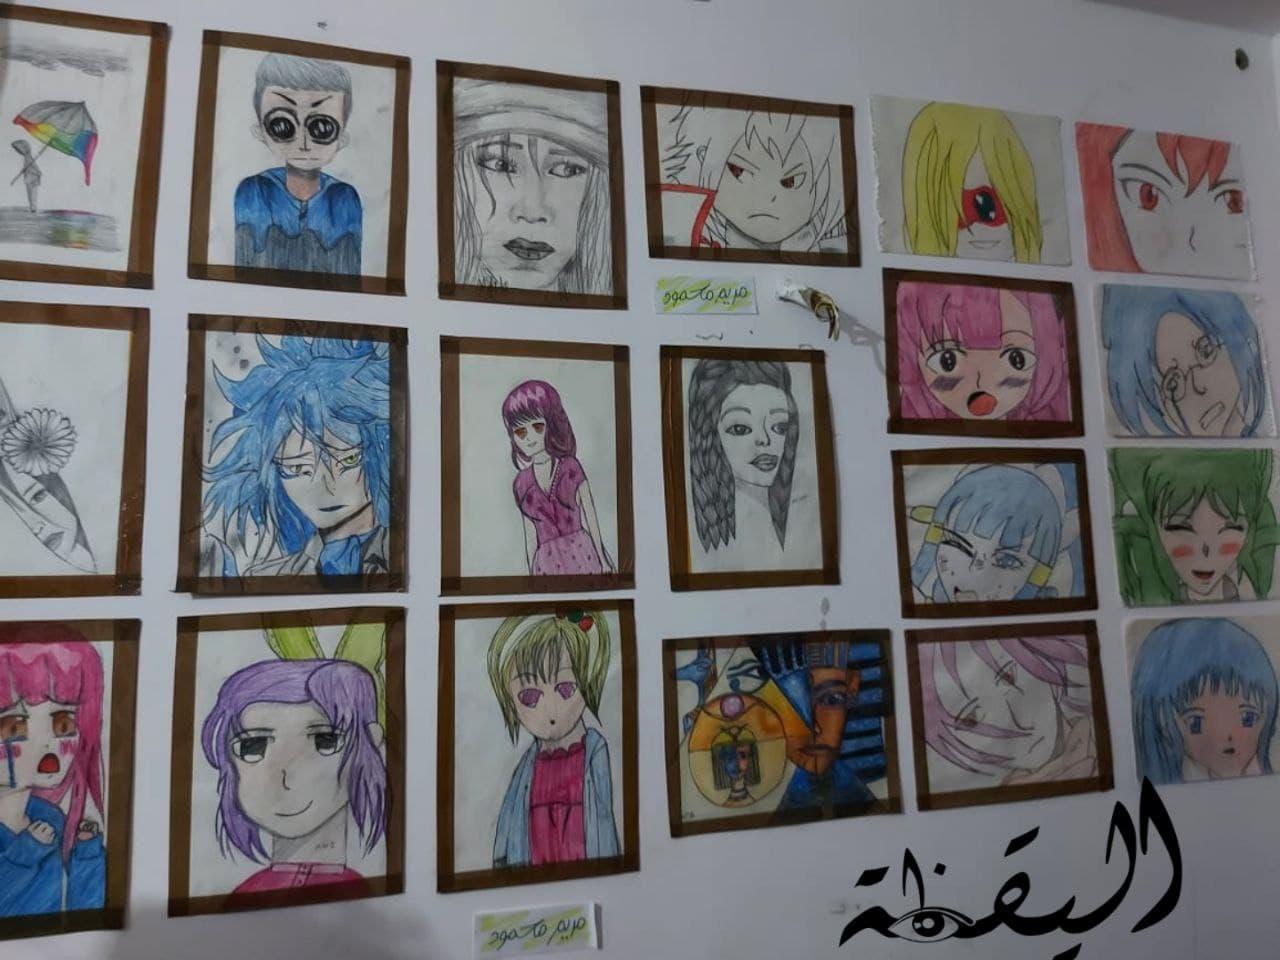 معرض لوحات فنية في مصر مركز تشالنج ينظم معرض لوحات فنية من تصميم الأطفال